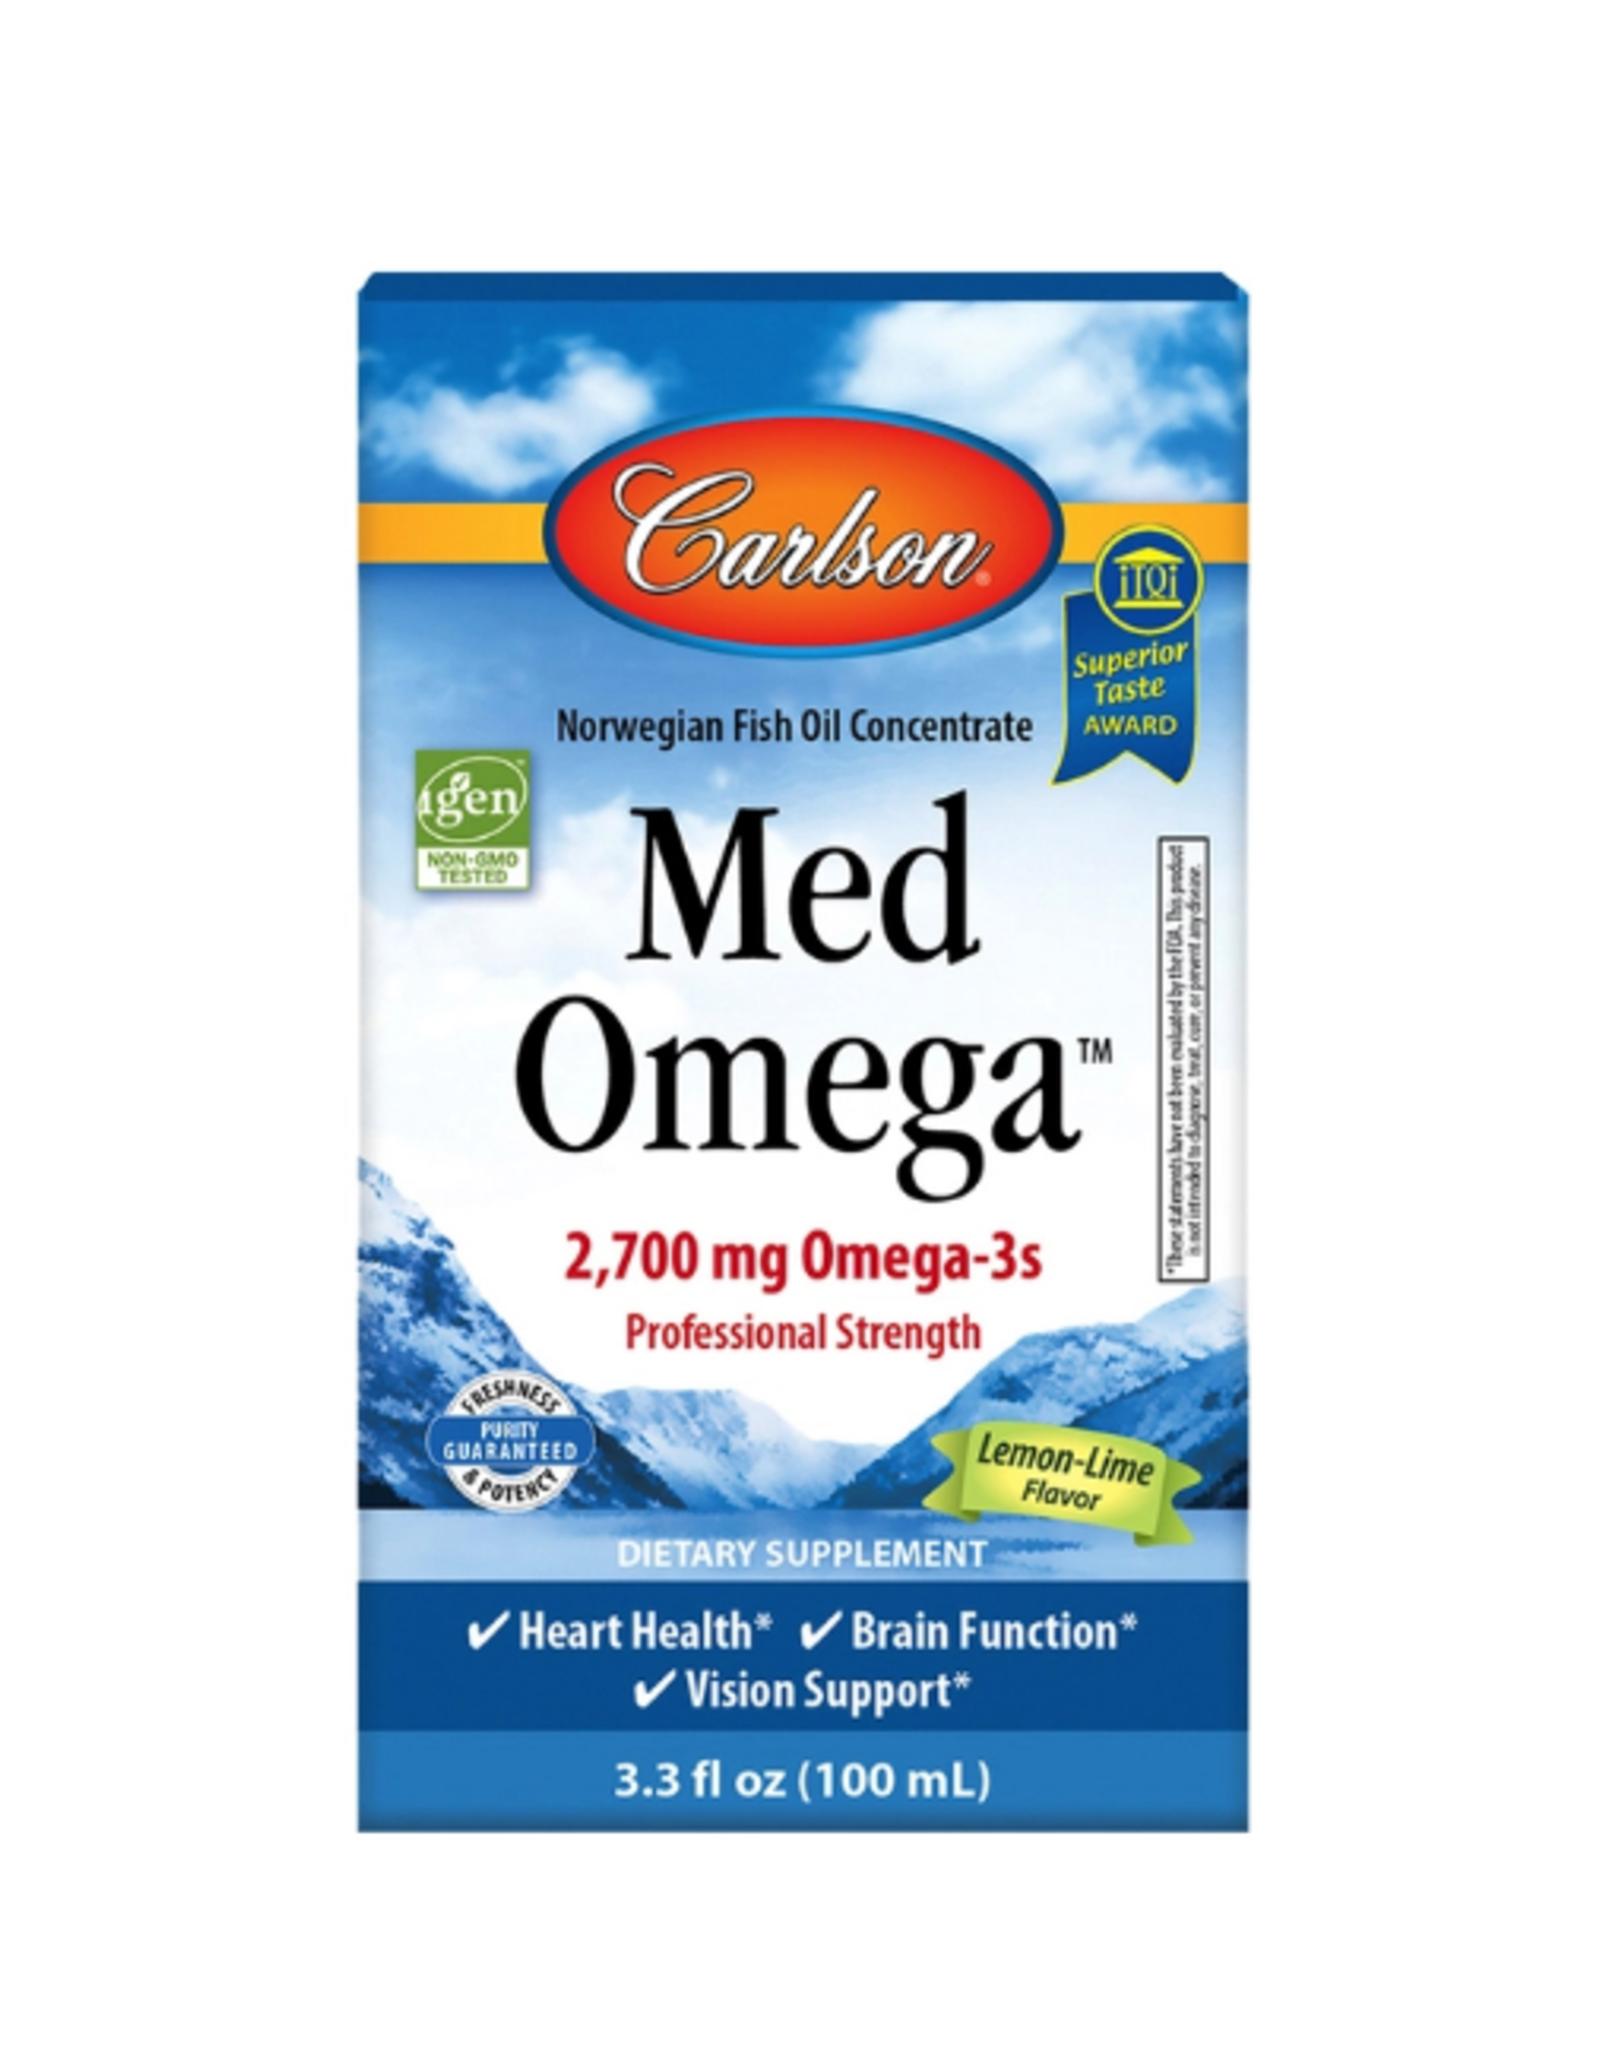 Carlson Med Omega 2700 mg Omega-3s